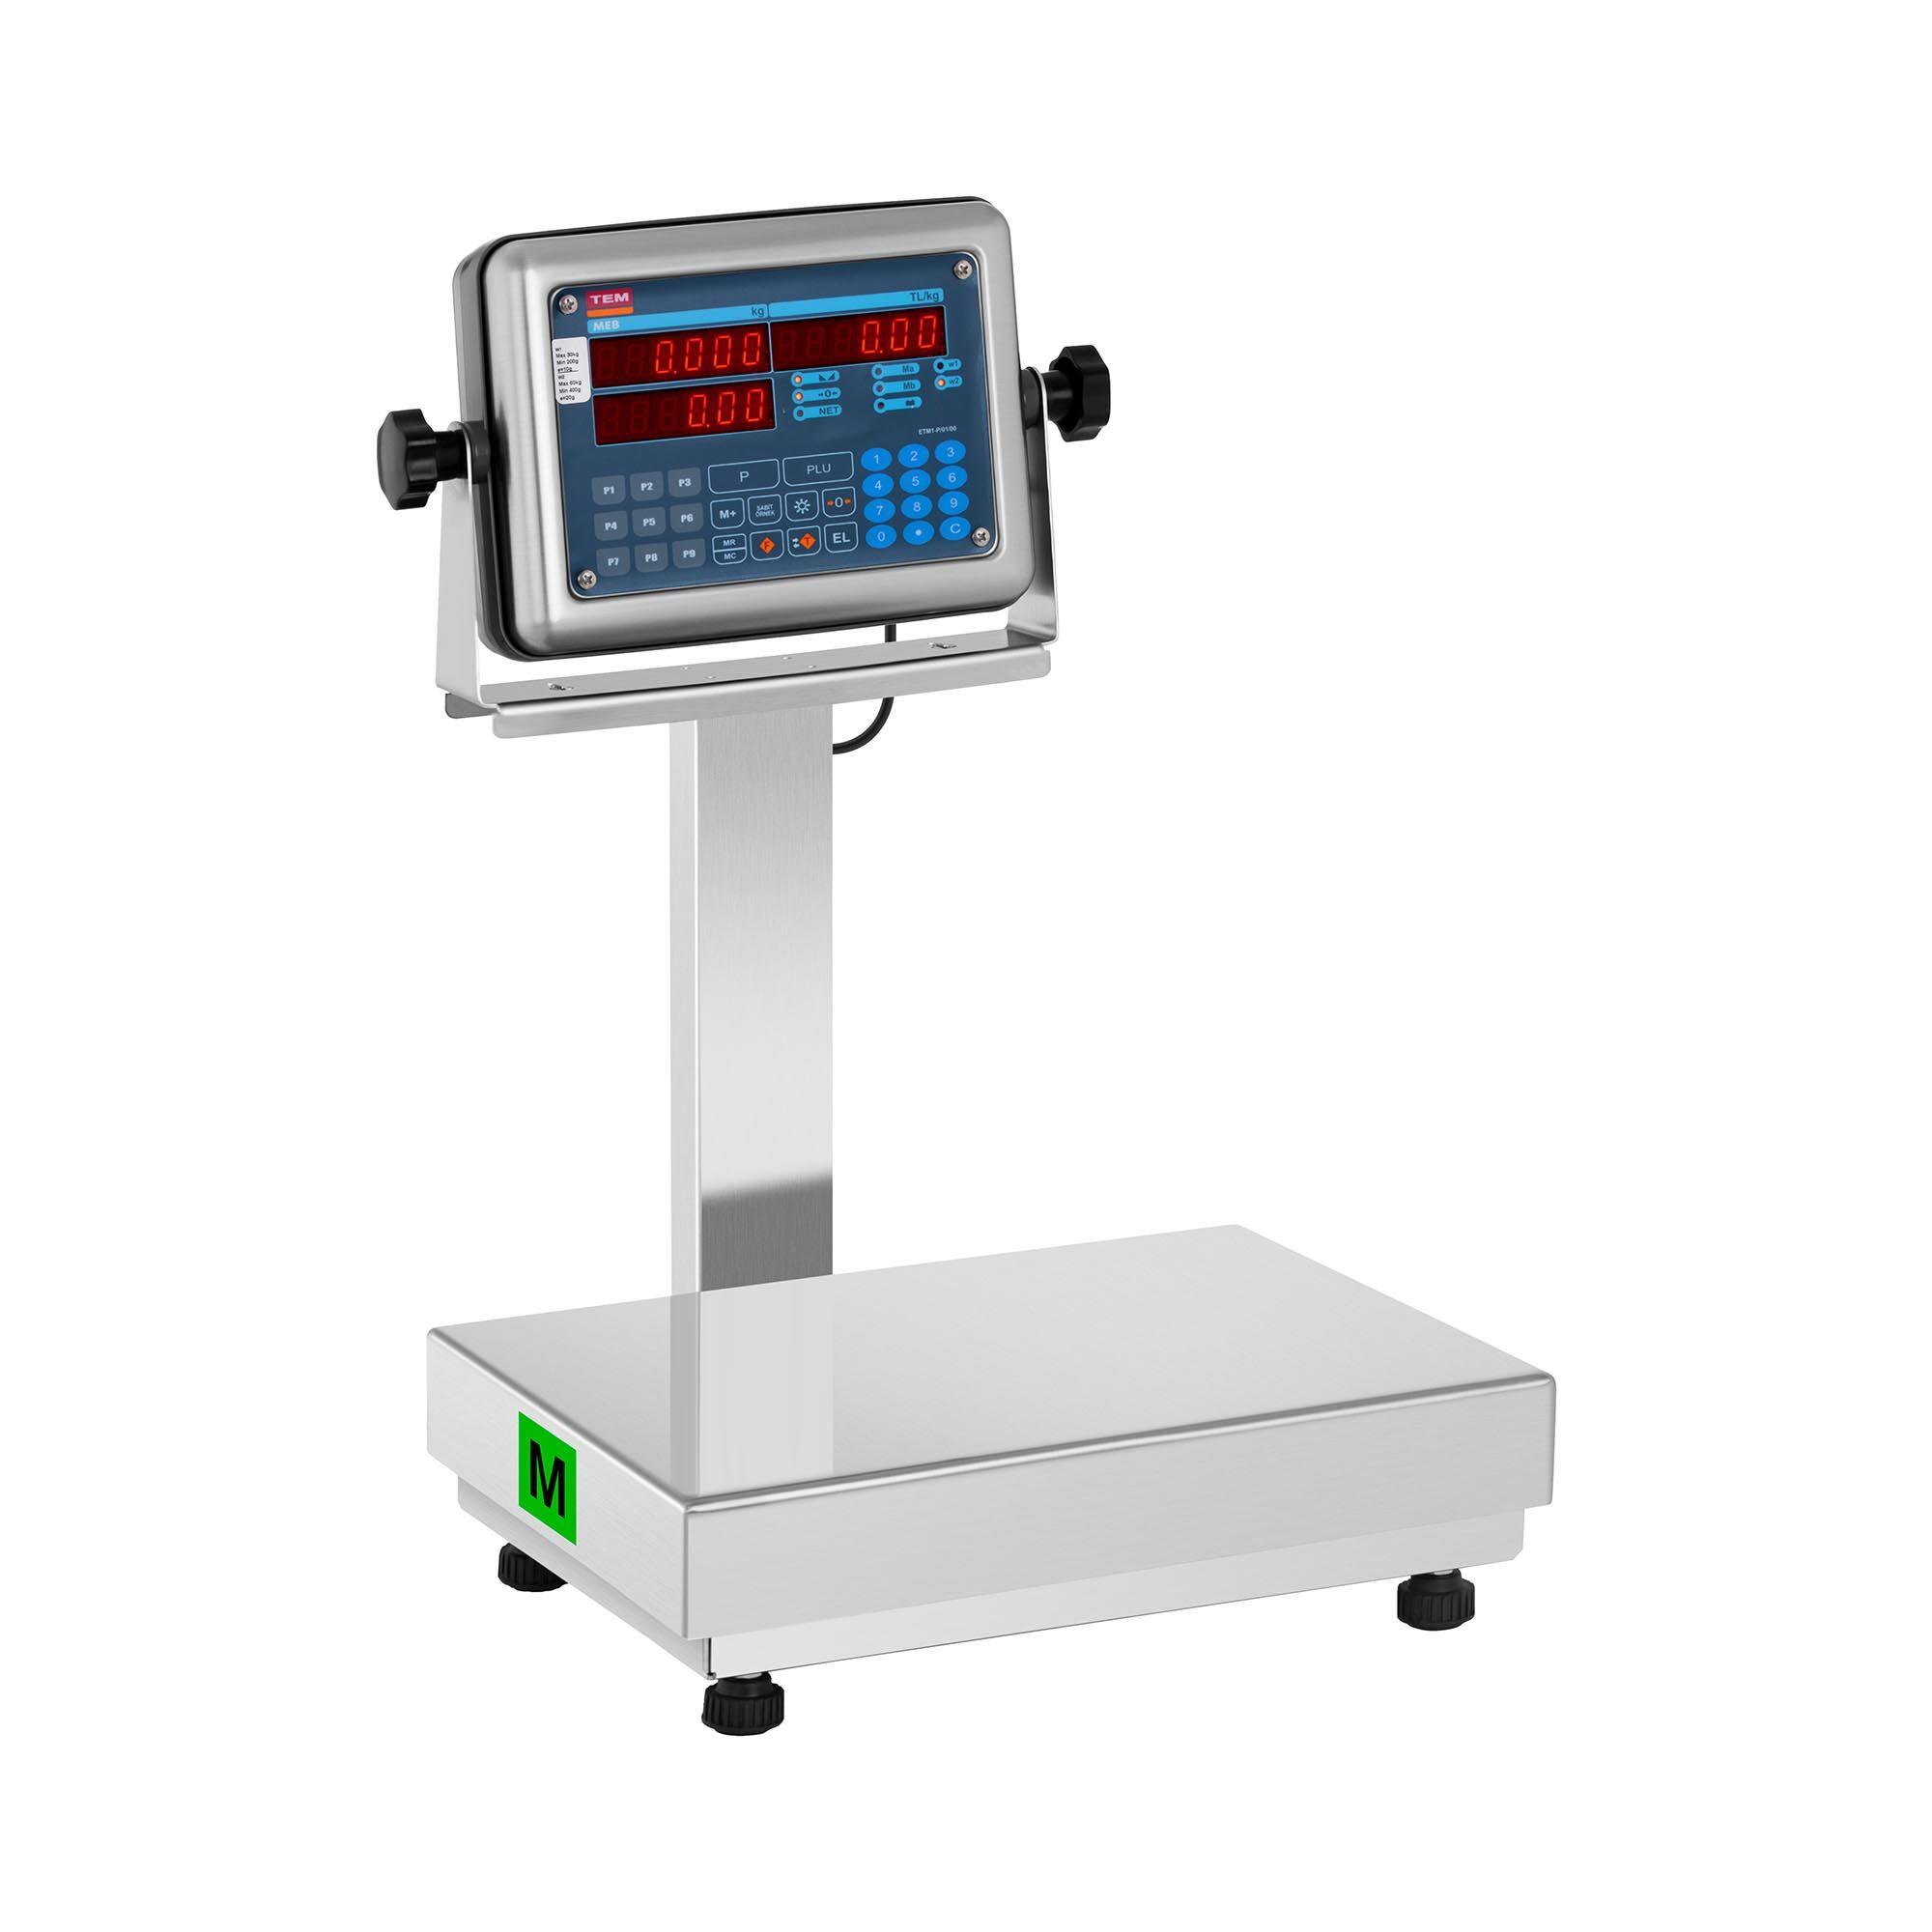 TEM Balance plateforme - Calibrage certifié - 60 kg - Fonction de calcul du prix - Afficheur LED BM1TP028X035060-B1